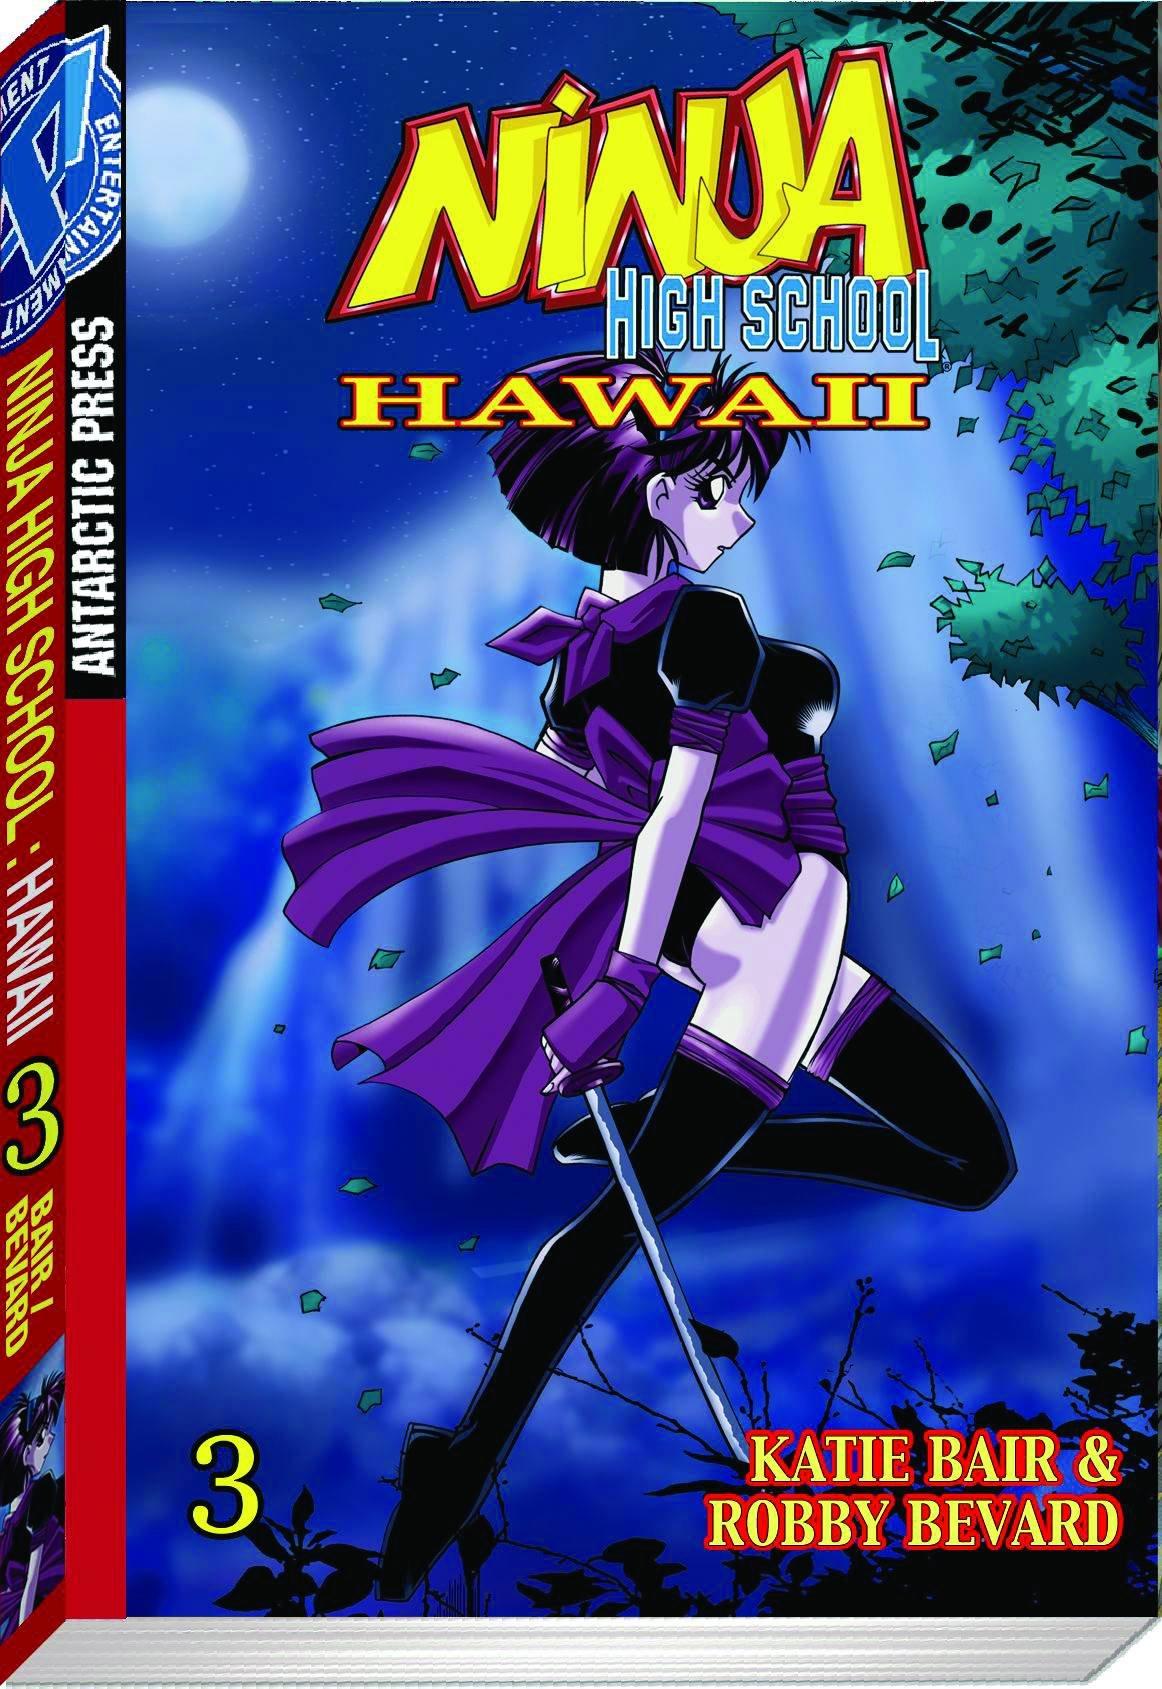 Amazon.com: Ninja High School Hawaii Pocket Manga Volume 3 ...